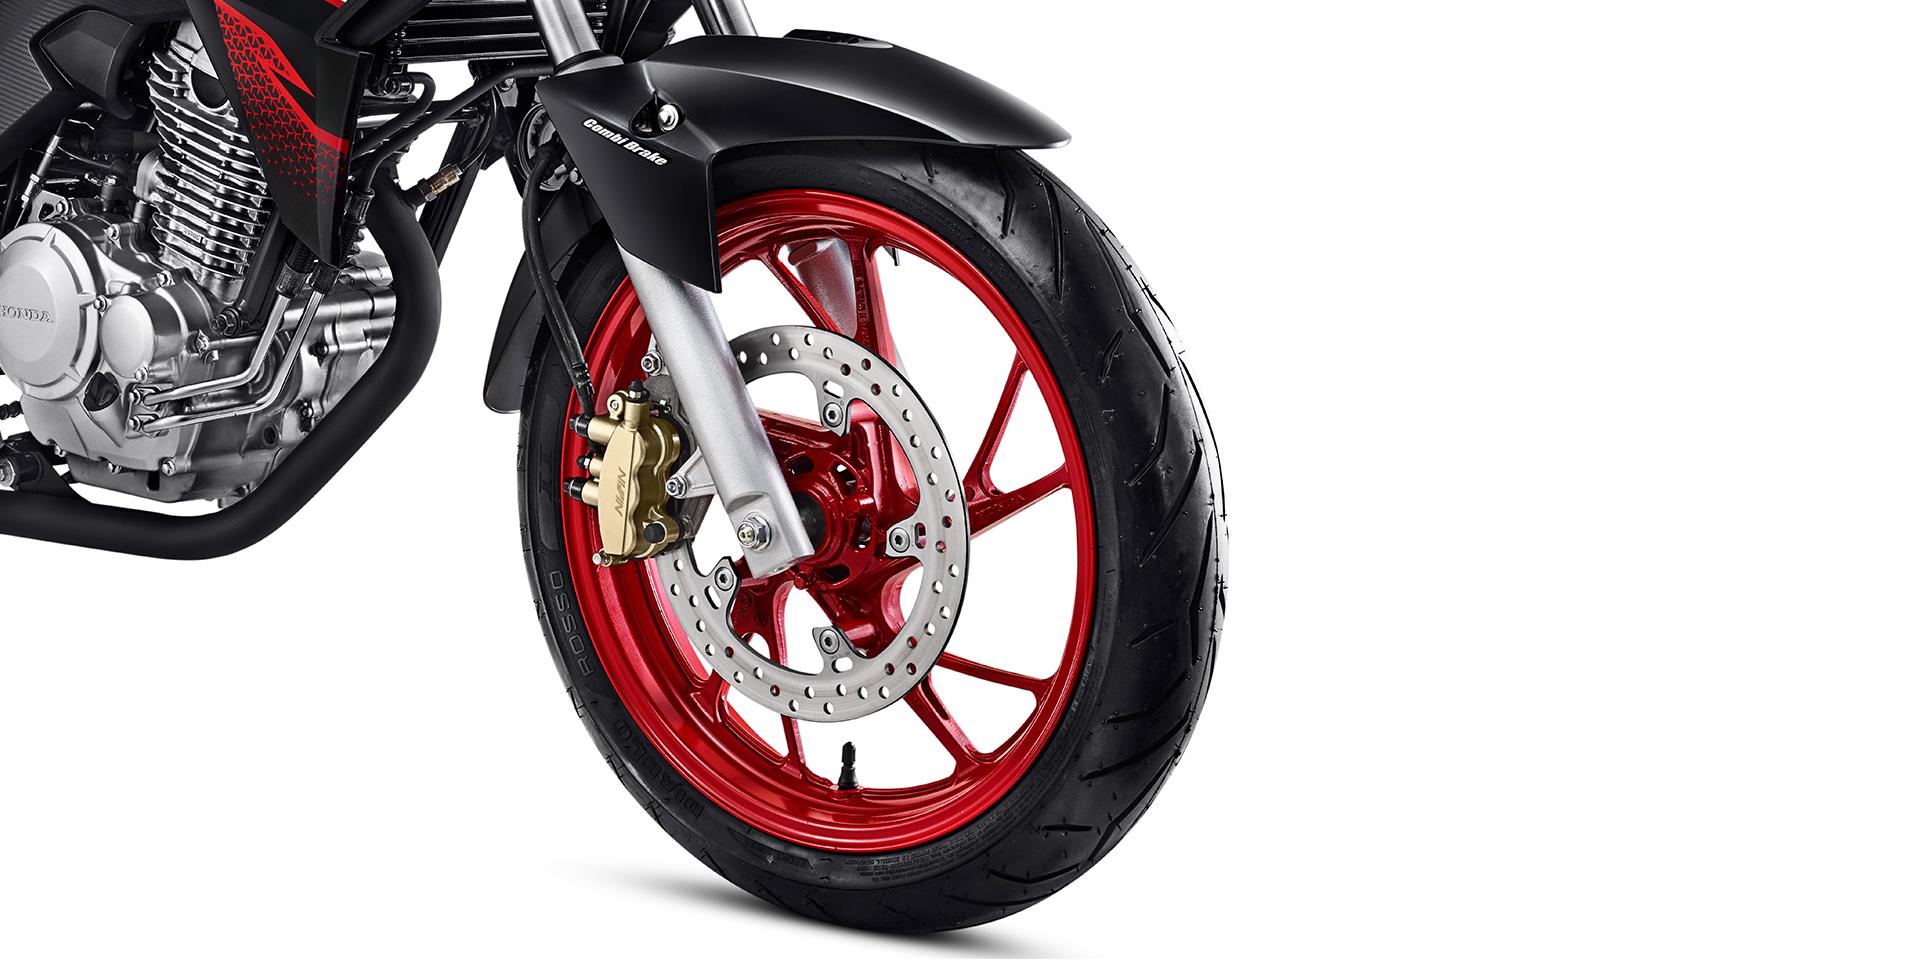 cb-twister-vermelho-detalhe4